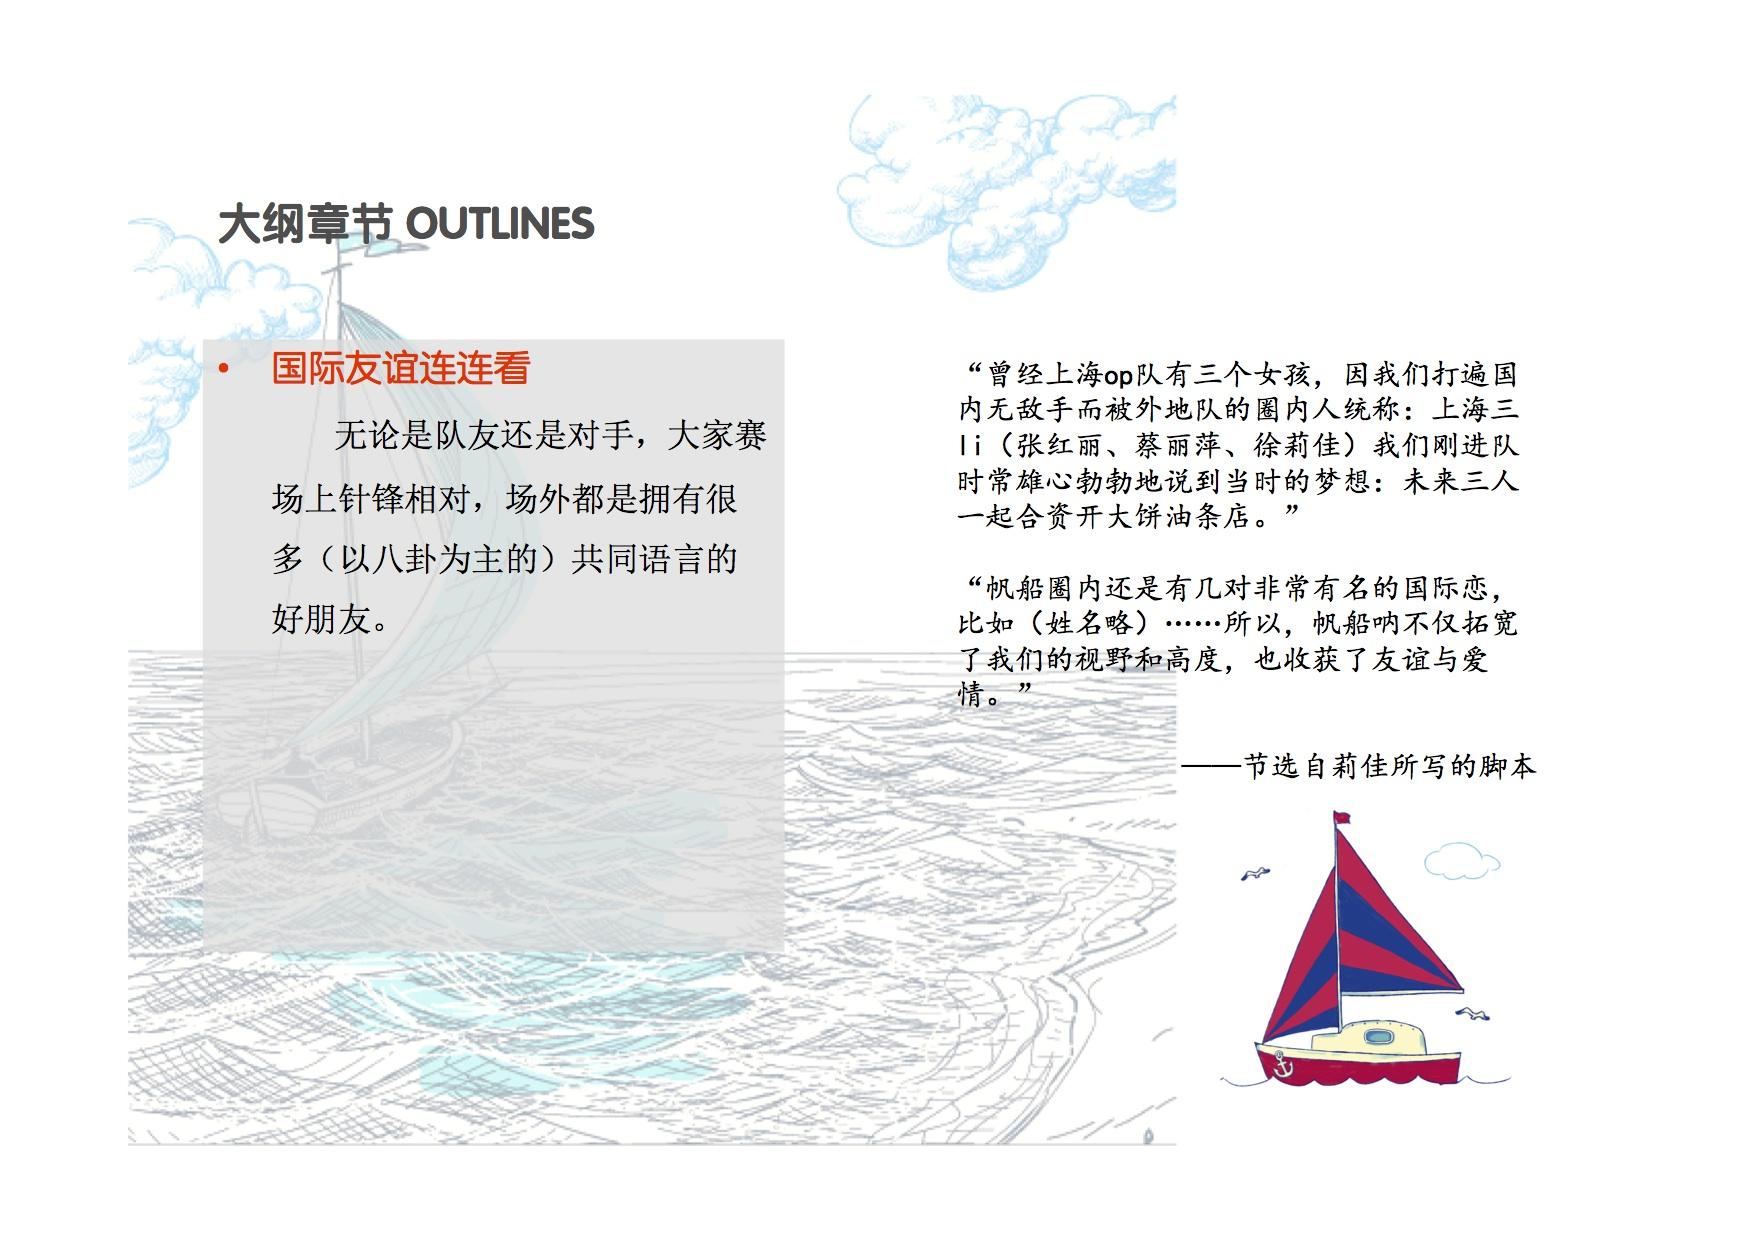 徐莉佳,帆船 一起来支持徐莉佳帆船漫画系列书 绘本帆船创作企划案11.jpg